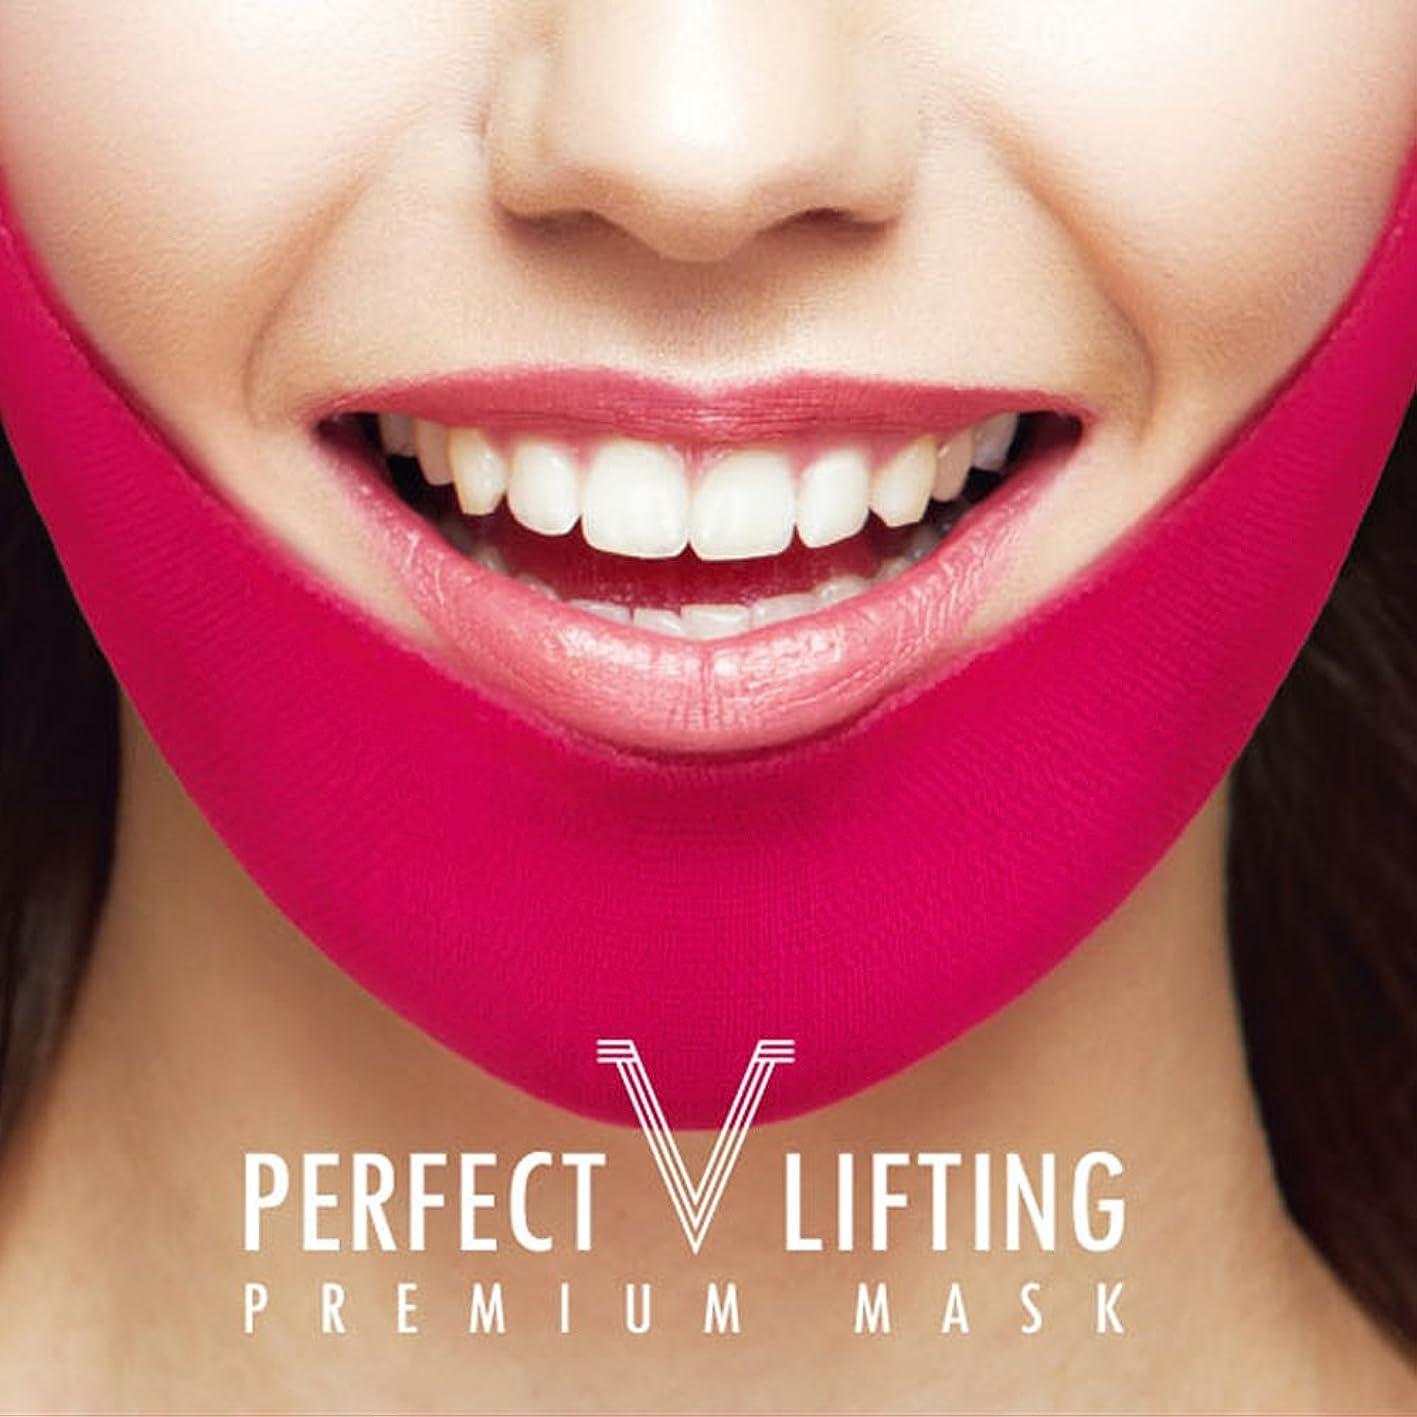 呼吸起きろコミットAvajar パーフェクト V リフティング プレミアムマスク エイバザール マスク フェイスマスク 小顔効果と顎ラインを取り戻す 1パック